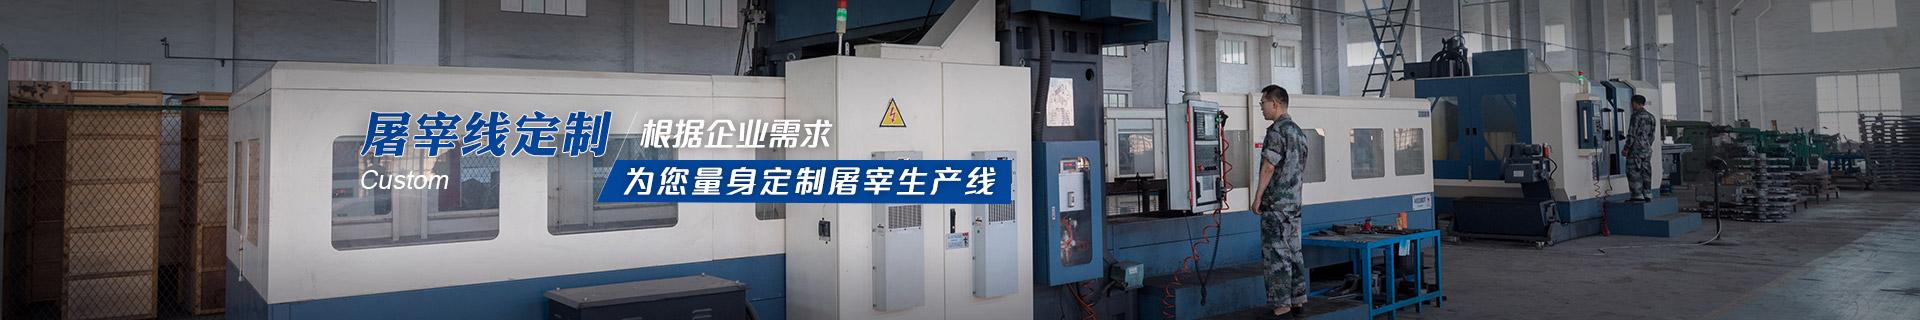 建华机械-根据企业需求,为您量身定制屠宰生产线